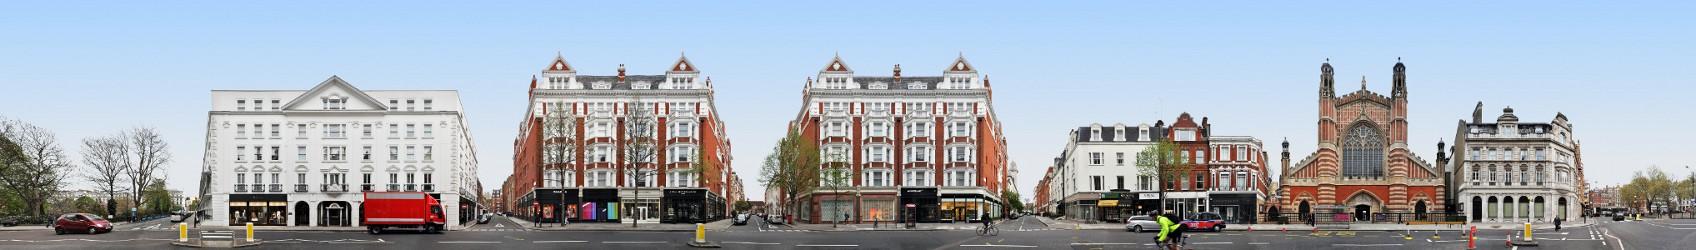 London / Sloane Street